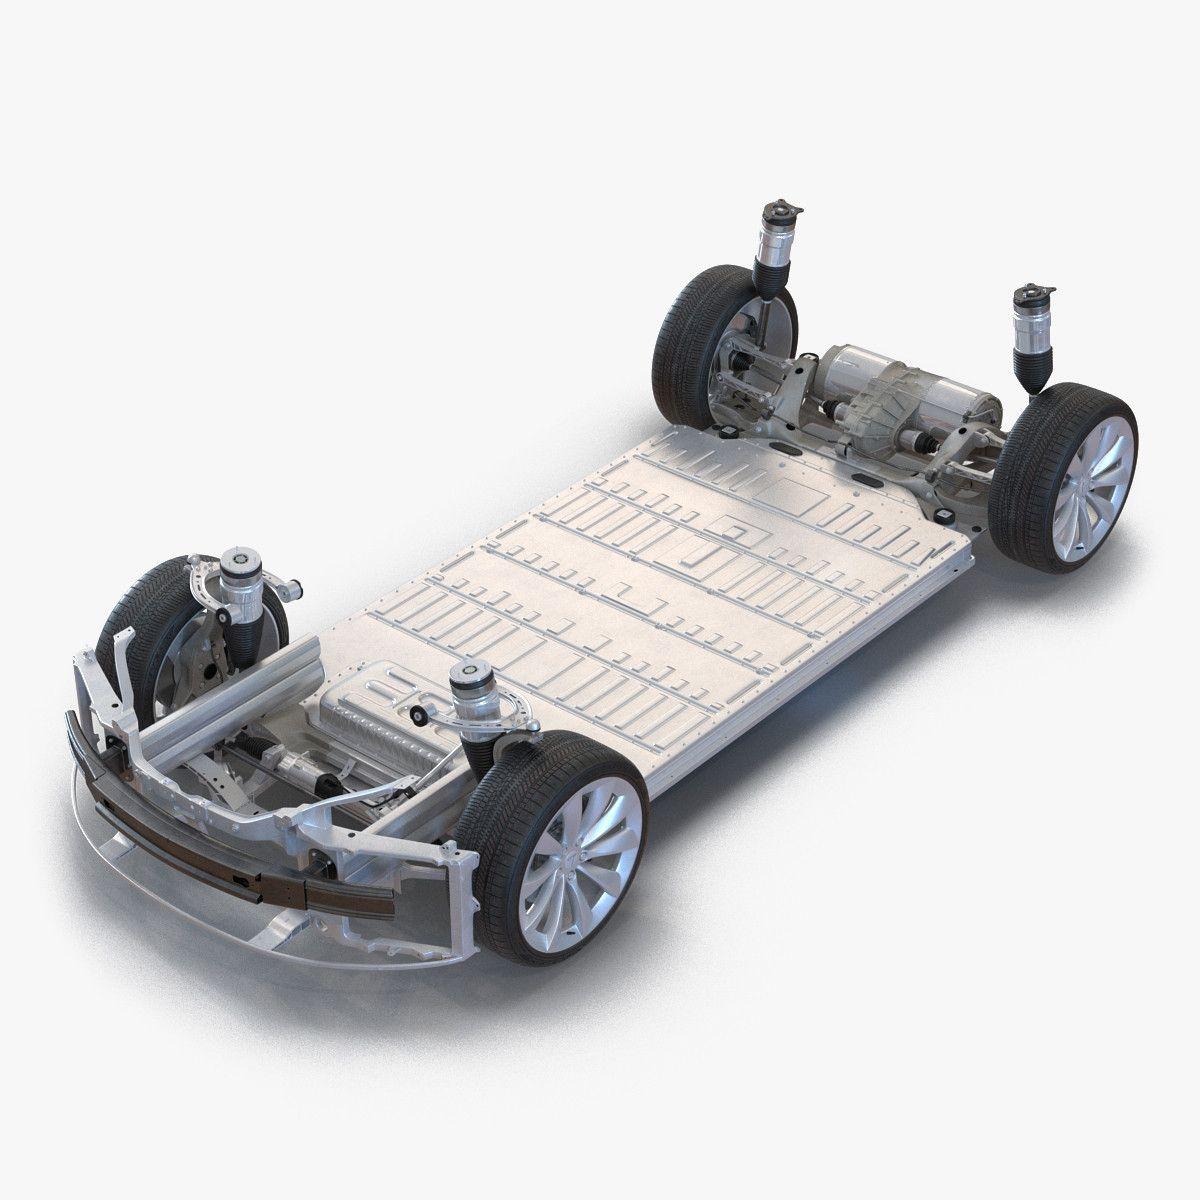 3D Tesla S Chassis Modeled - 3D Model | Tesla model s ...